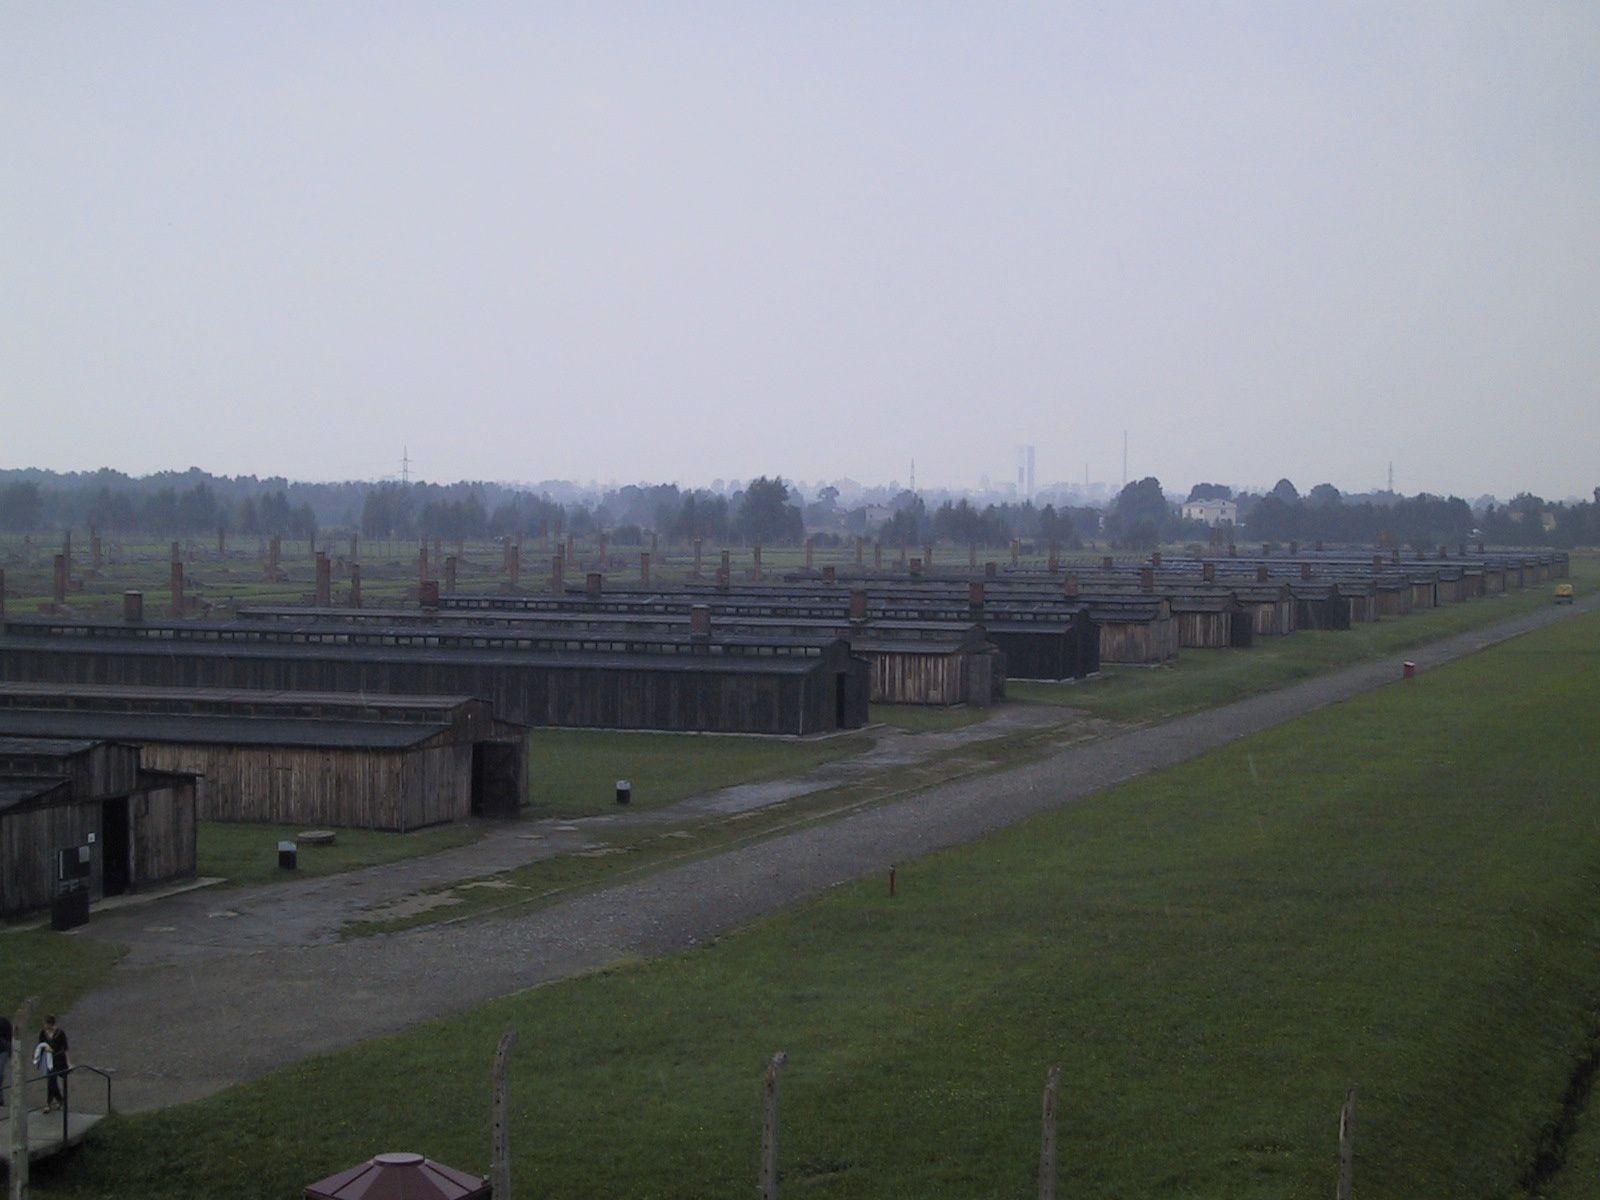 Vue du camp d'Auschwitz-Birkenau, symbole de la barbarie (photographie Pierre Verhas)